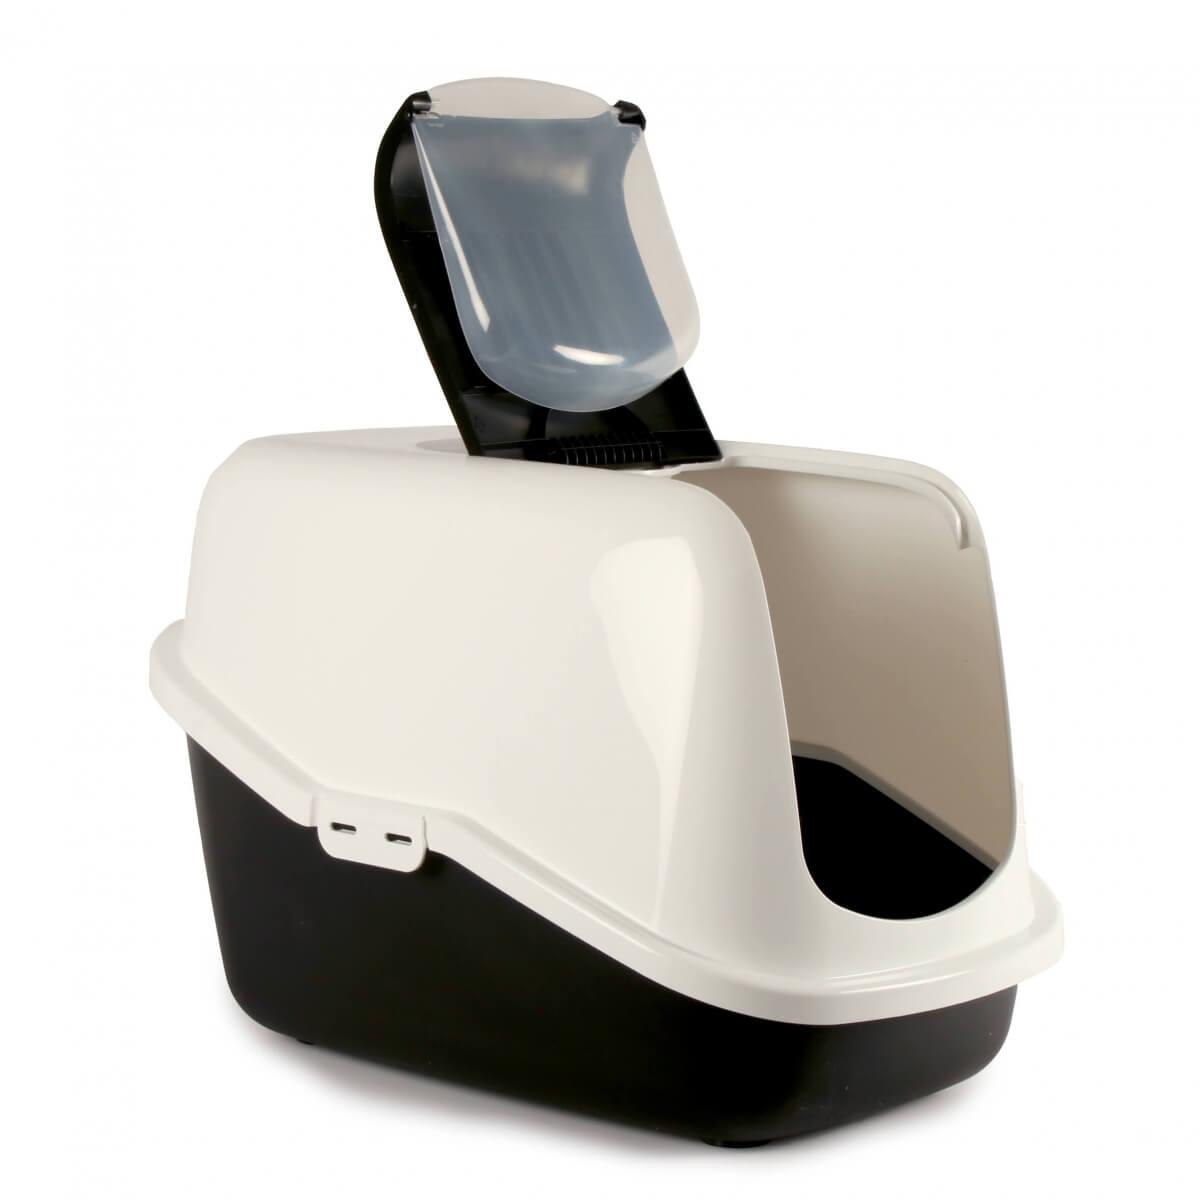 maison de toilette nestor pour chat blanc noir bac. Black Bedroom Furniture Sets. Home Design Ideas